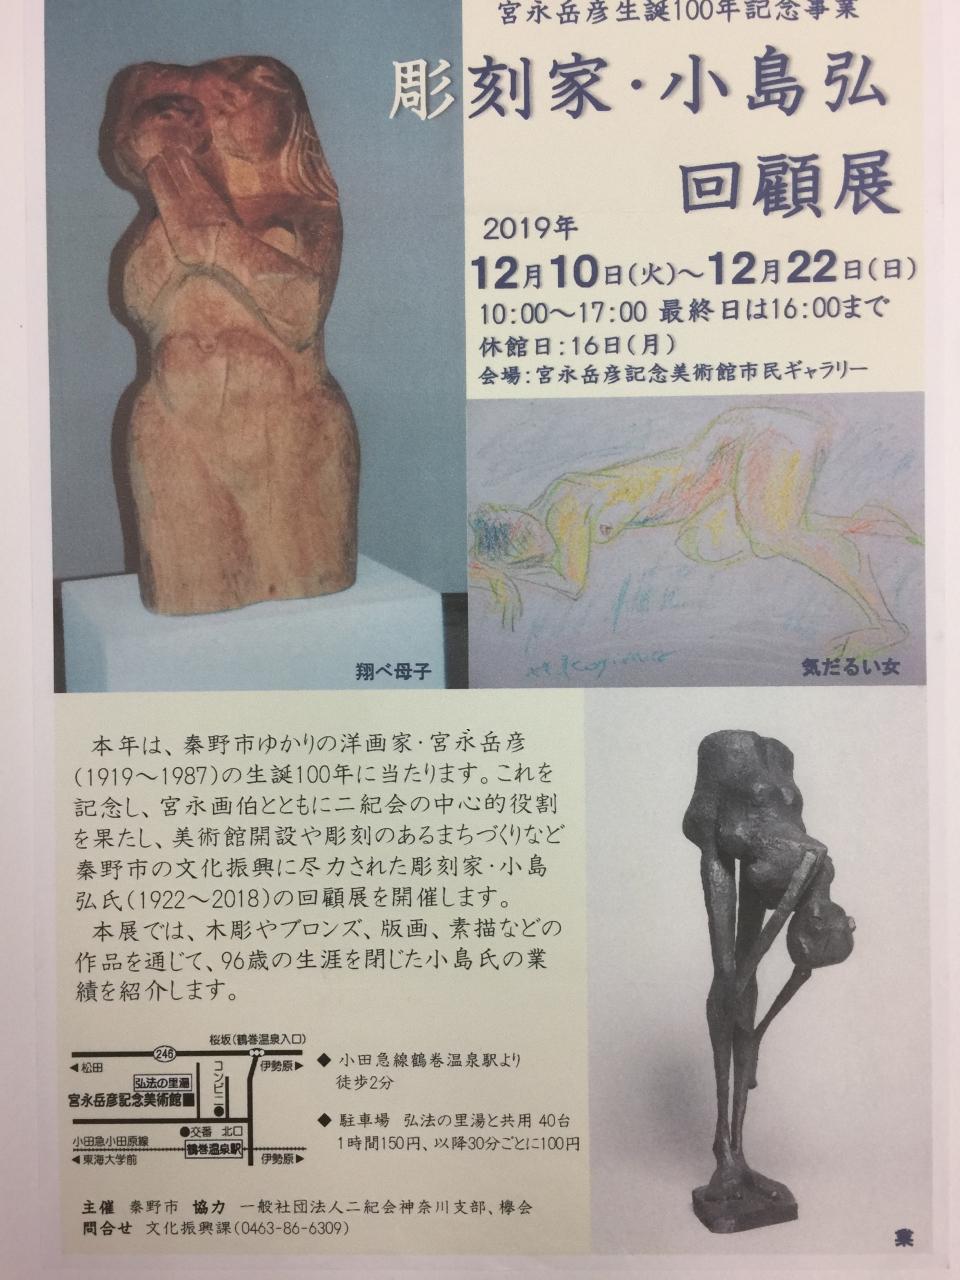 彫刻家・小島弘回顧展 – 一般社団法人 二紀会